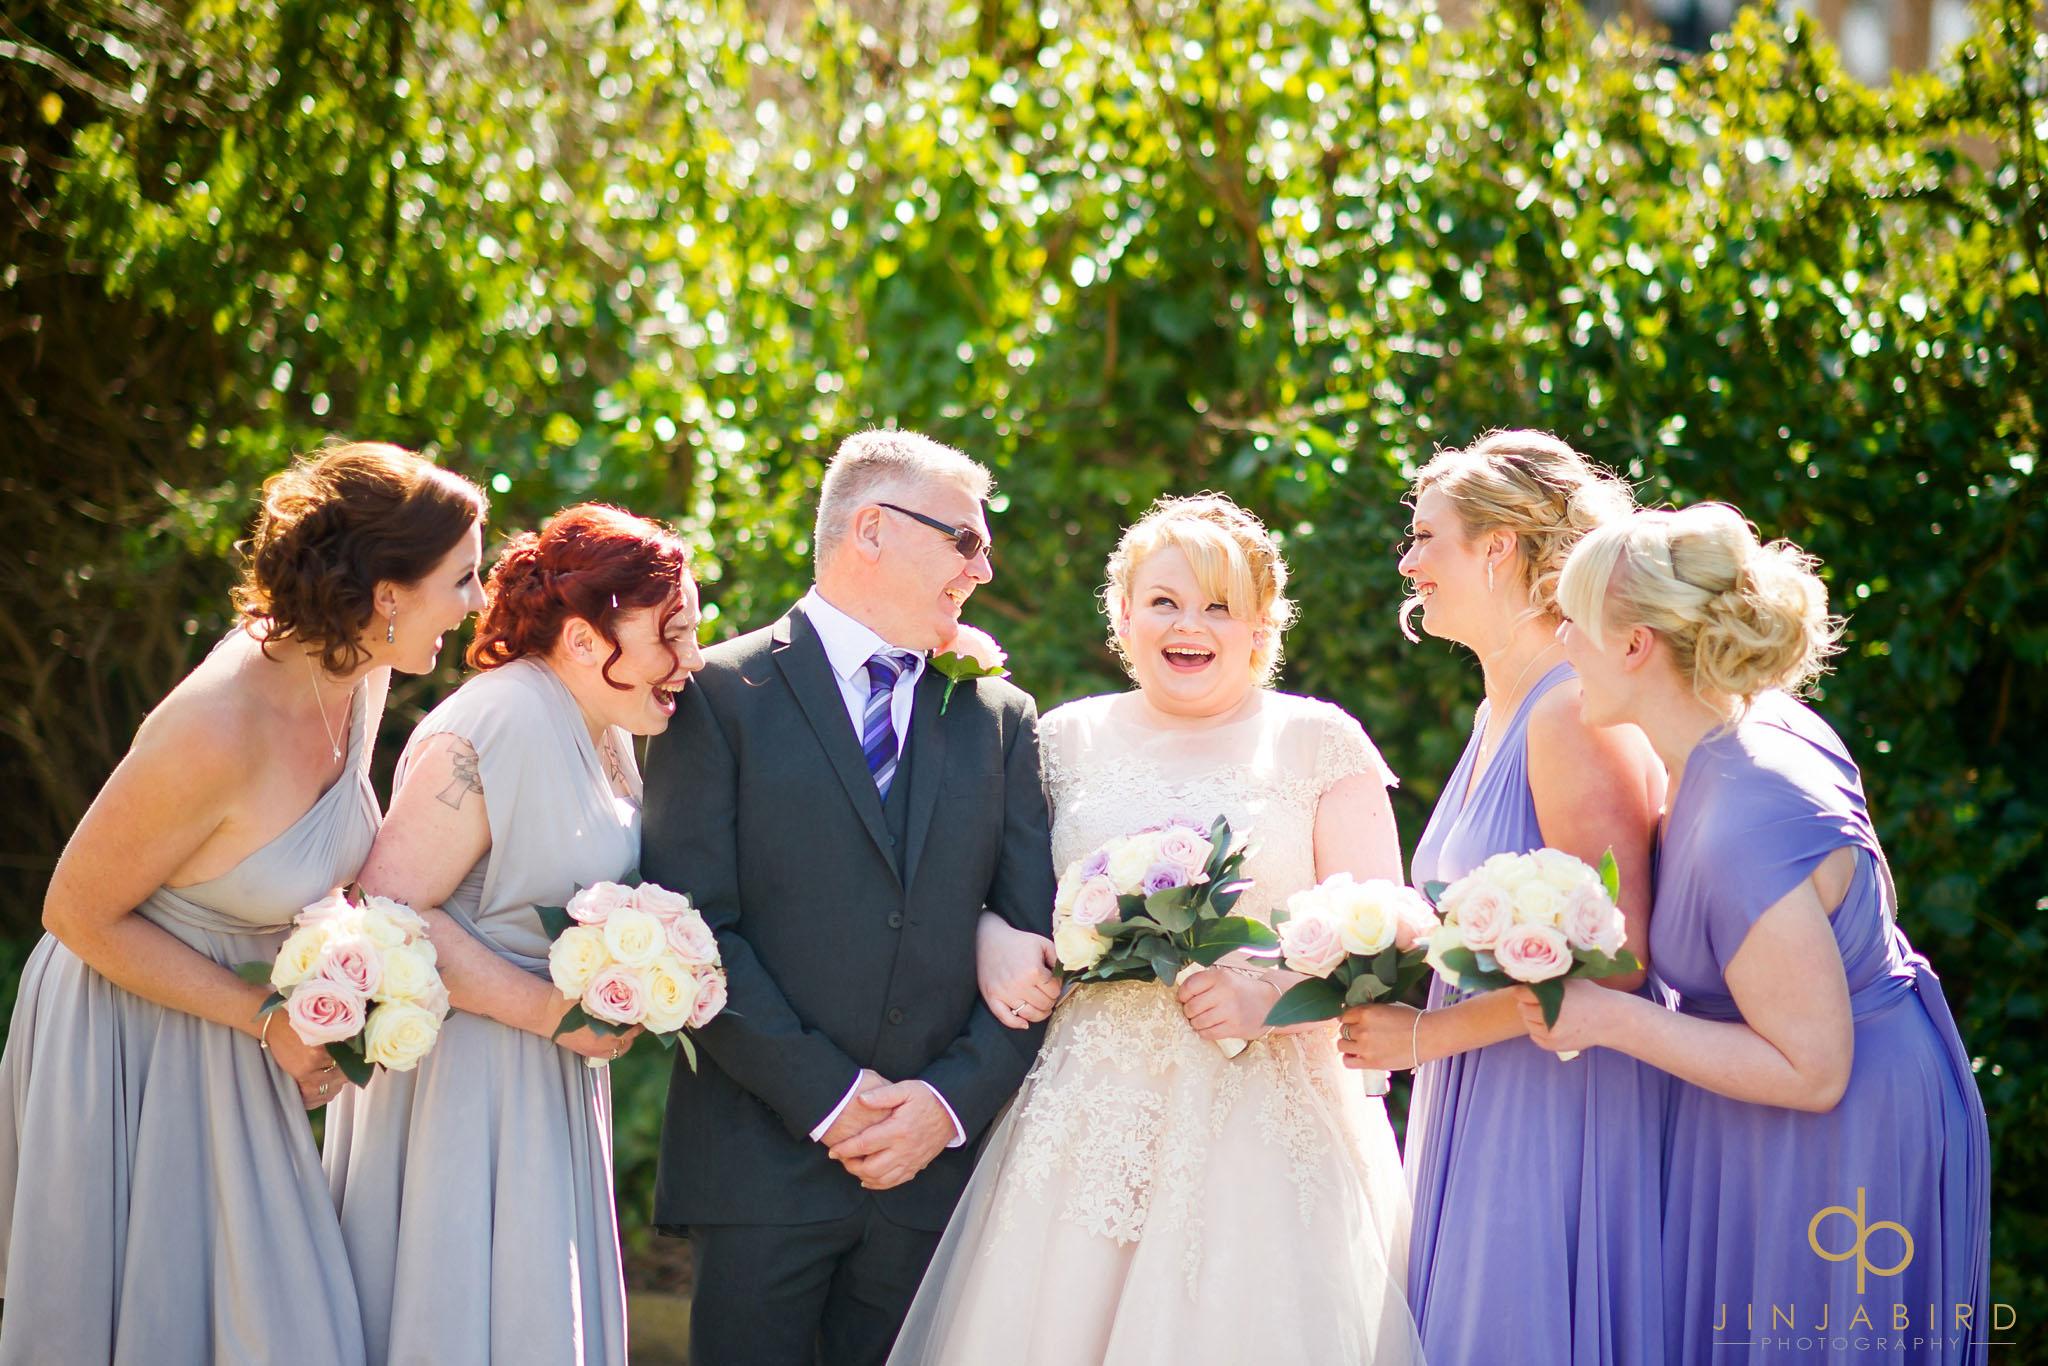 wedding photo luton